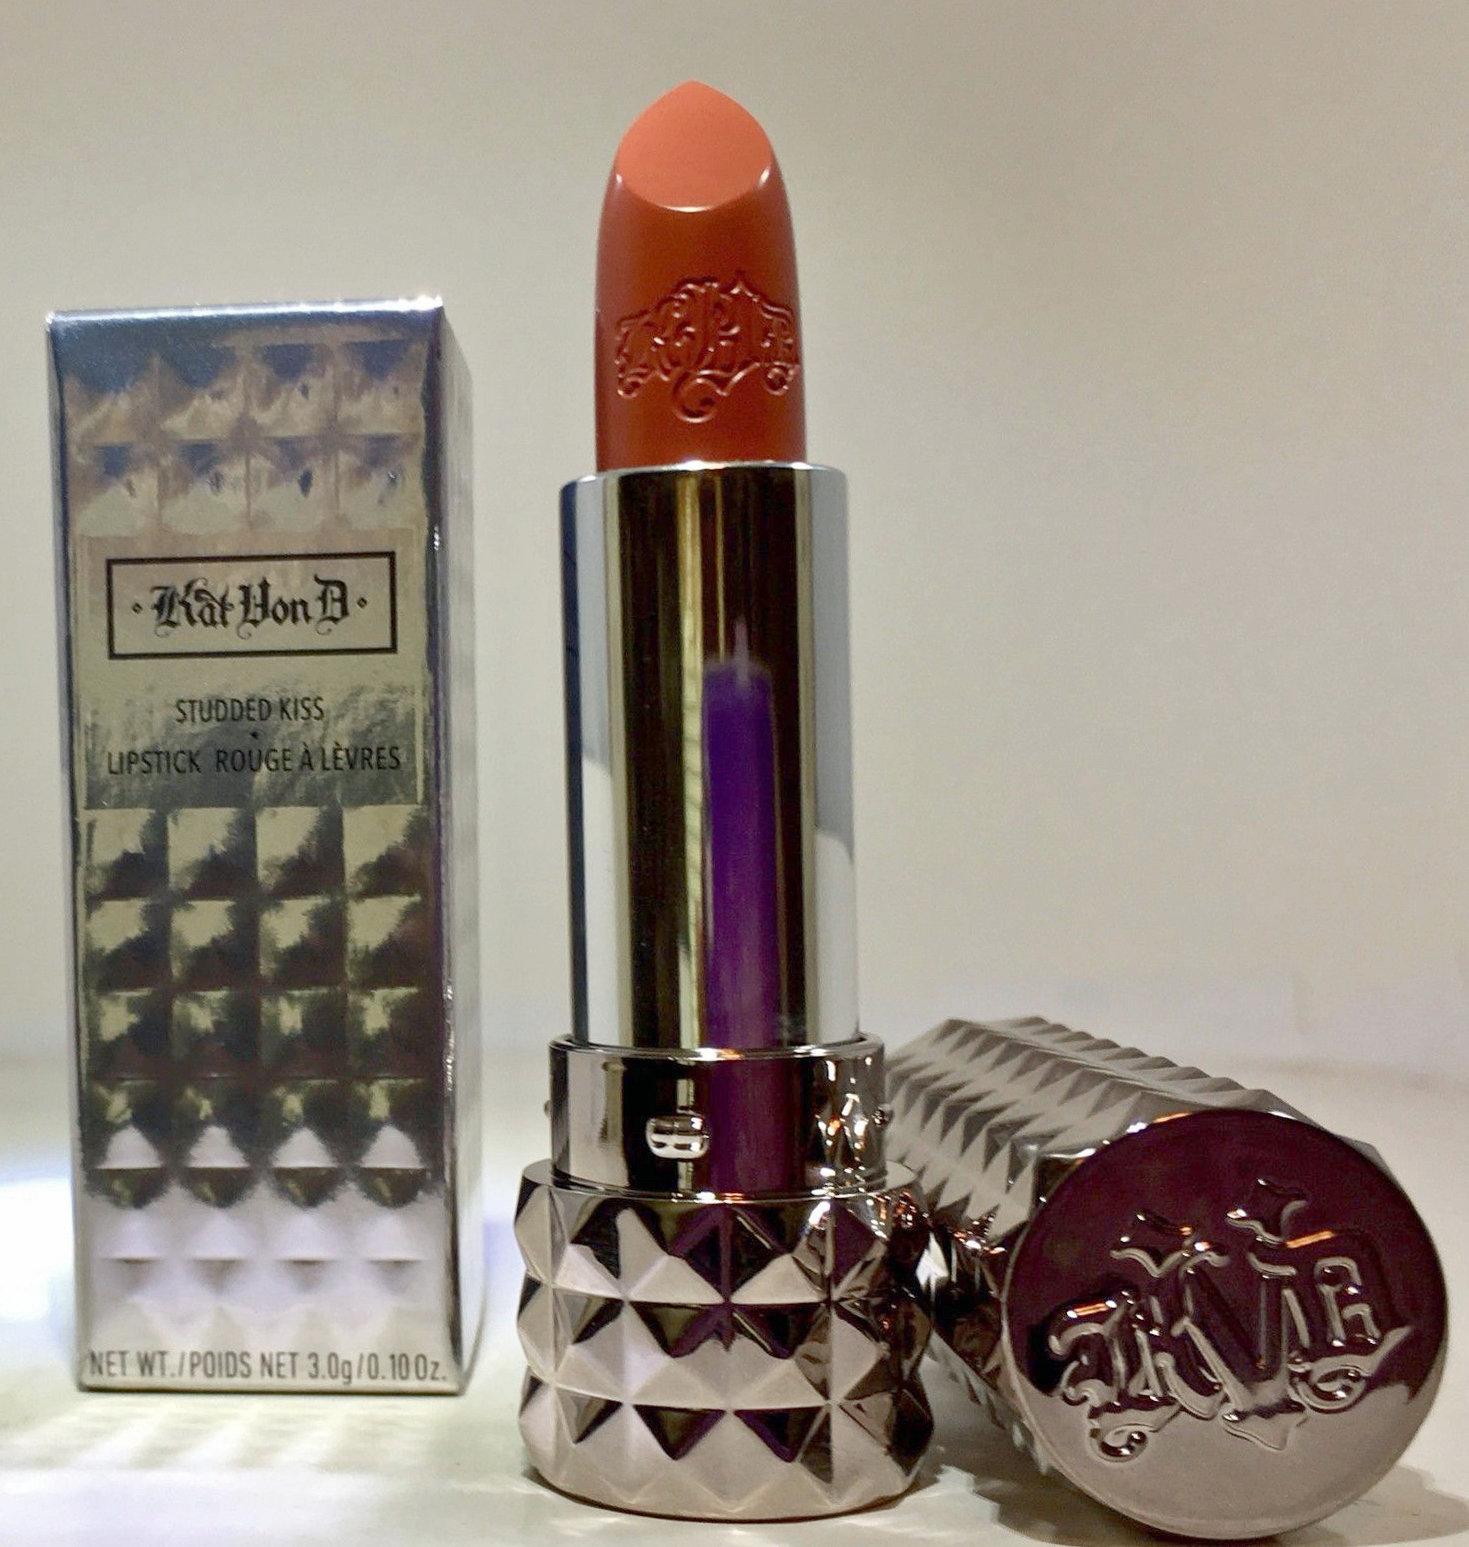 Kat Von D Studded Kiss Lipstick 0.10 oz - Lolita II (terra cotta nude) 14510